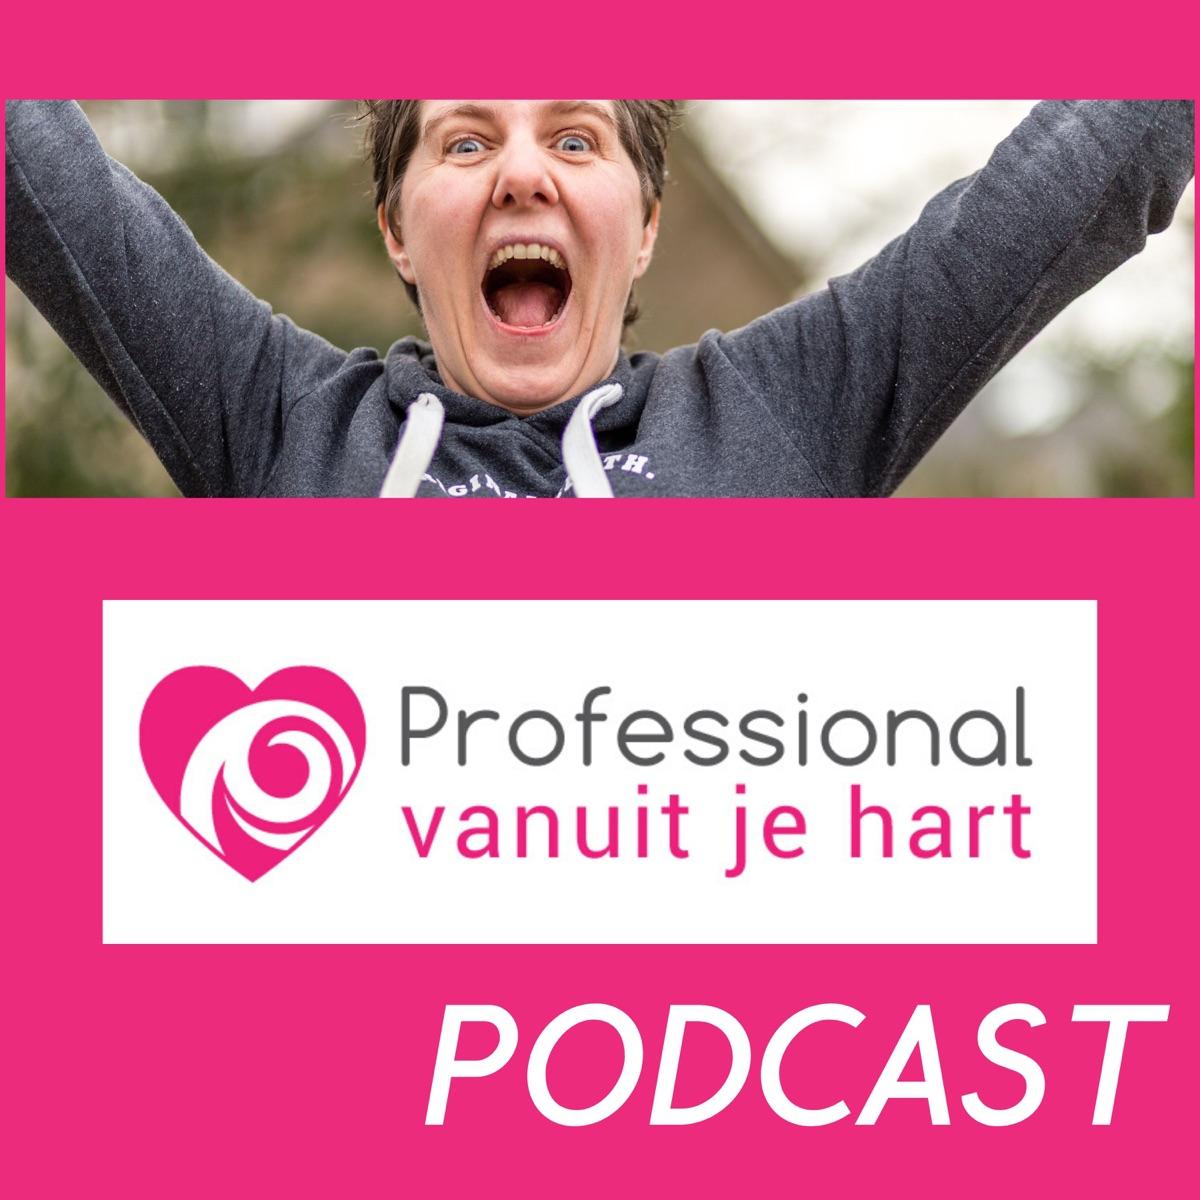 Professional vanuit je hart Podcast - met Mascha Struijk